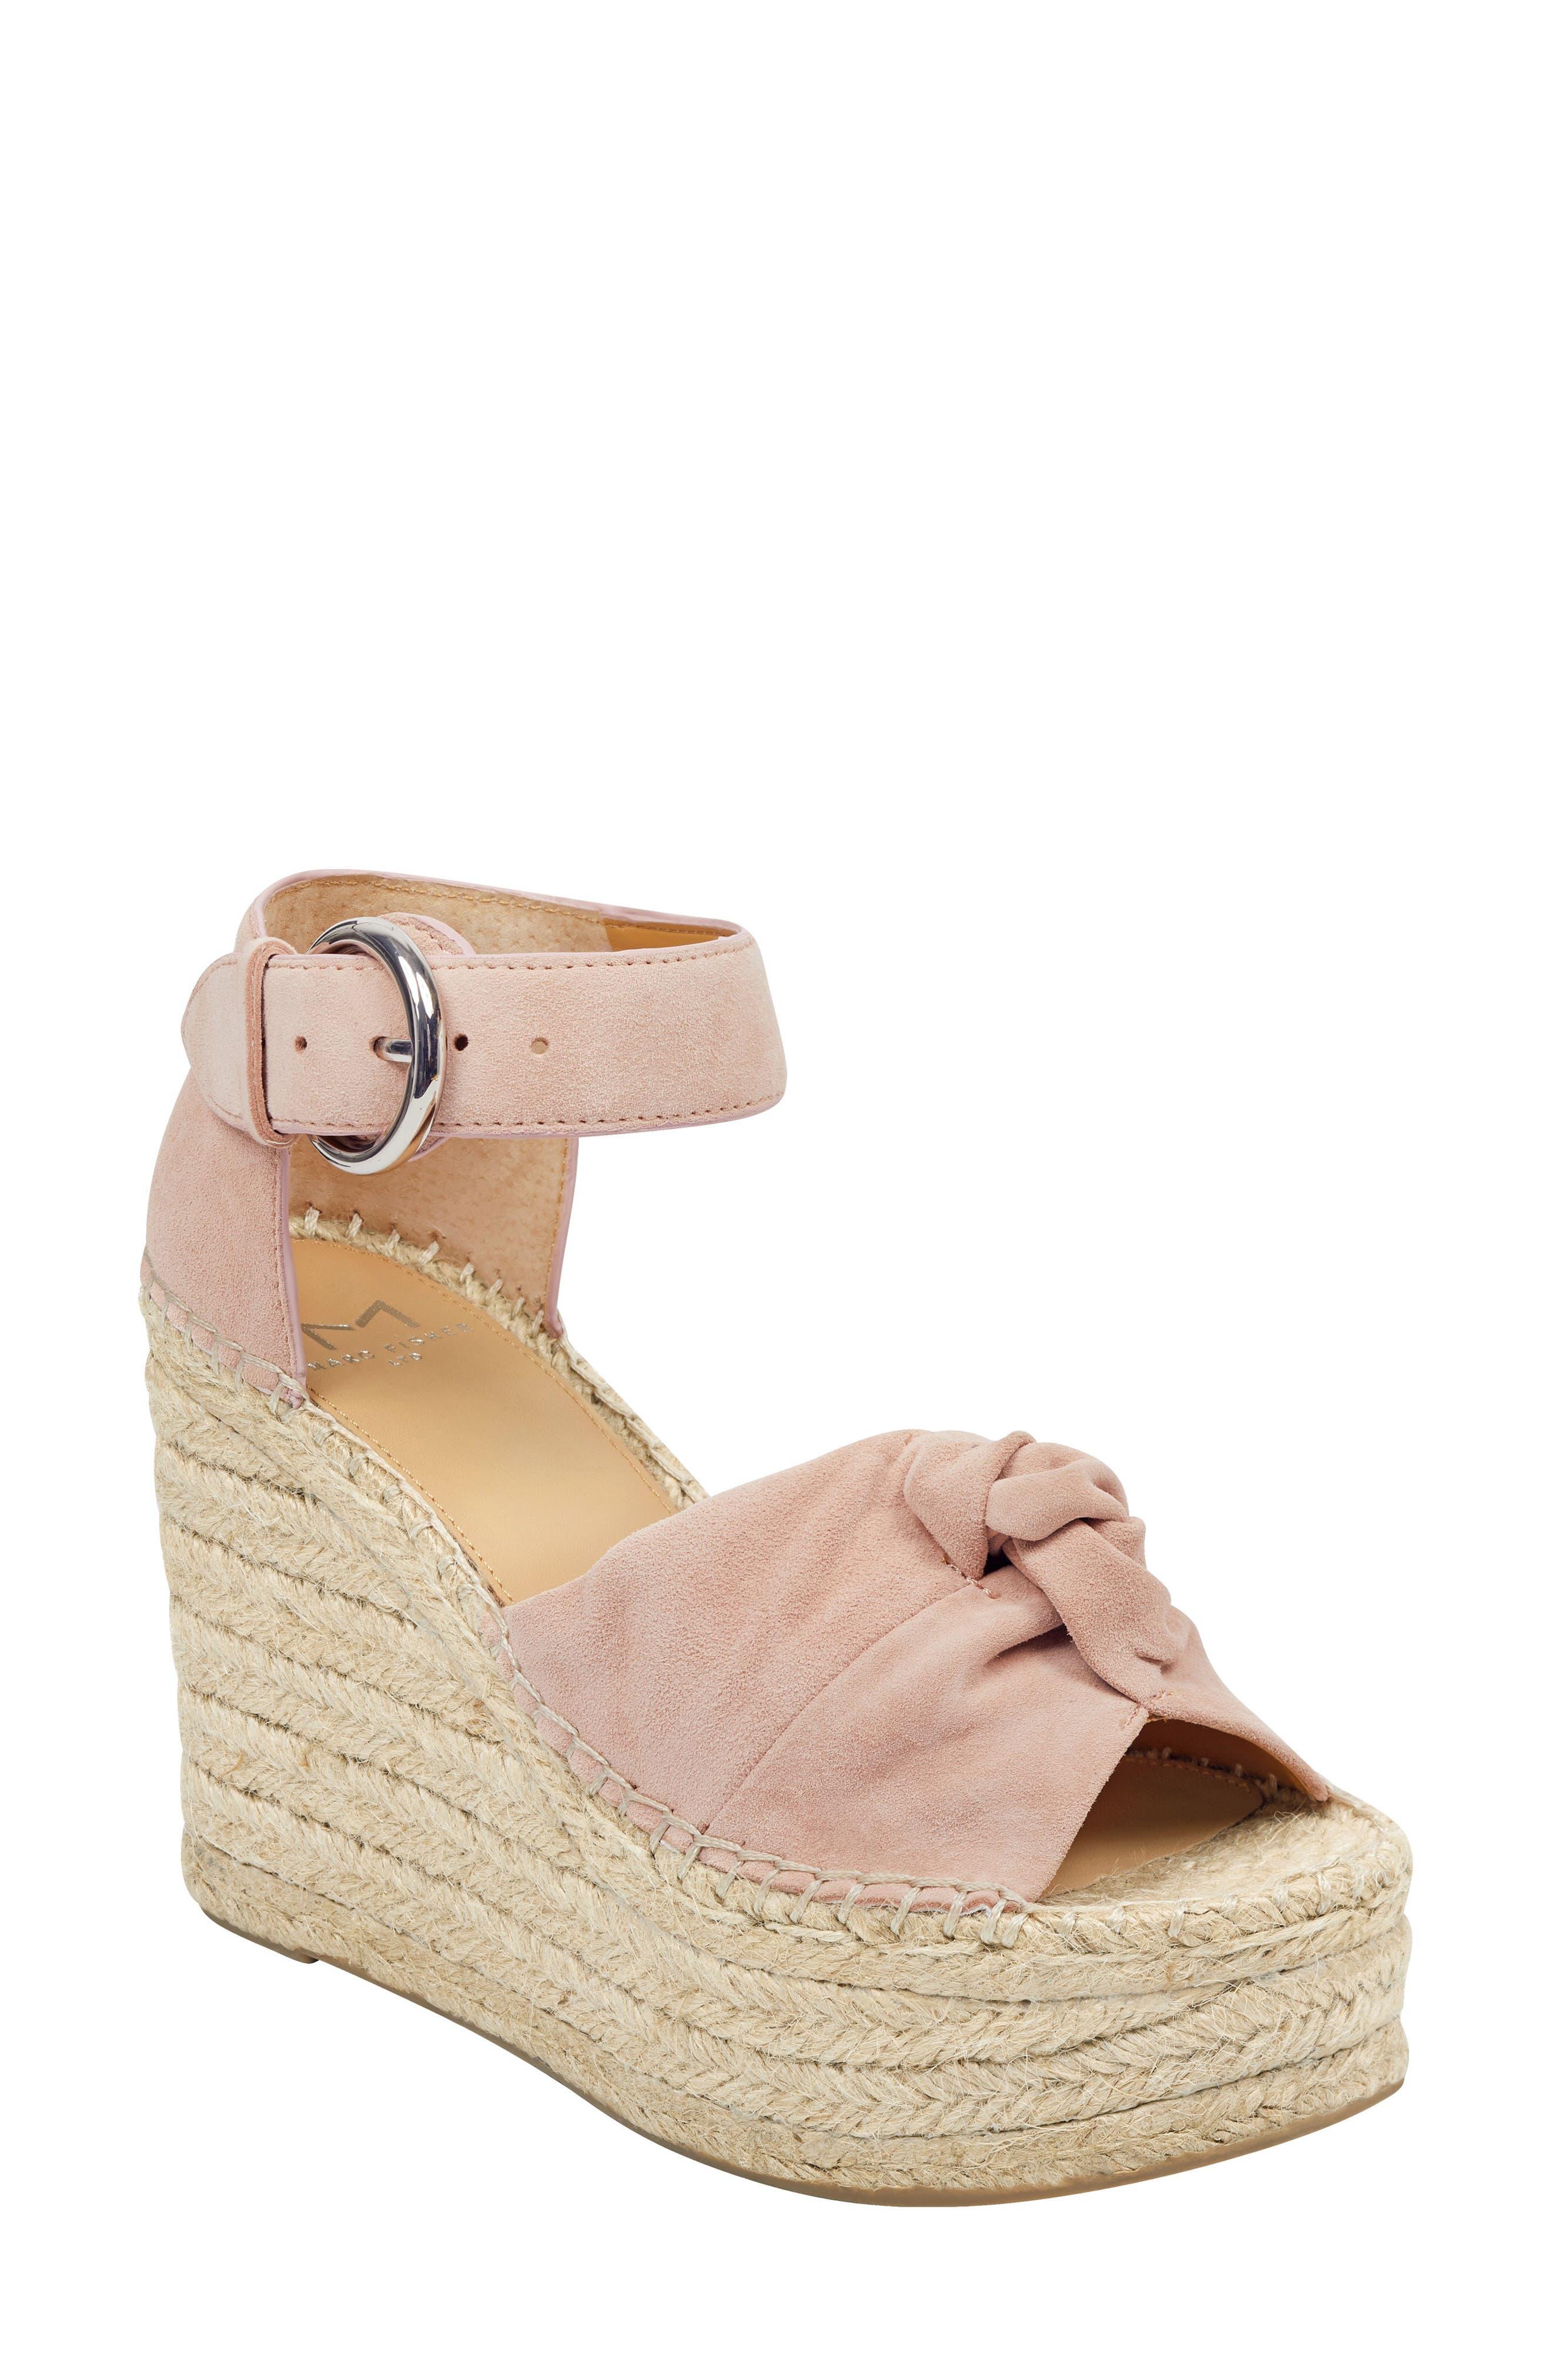 Marc Fisher Ltd Anty Platform Espadrille Sandal, Pink